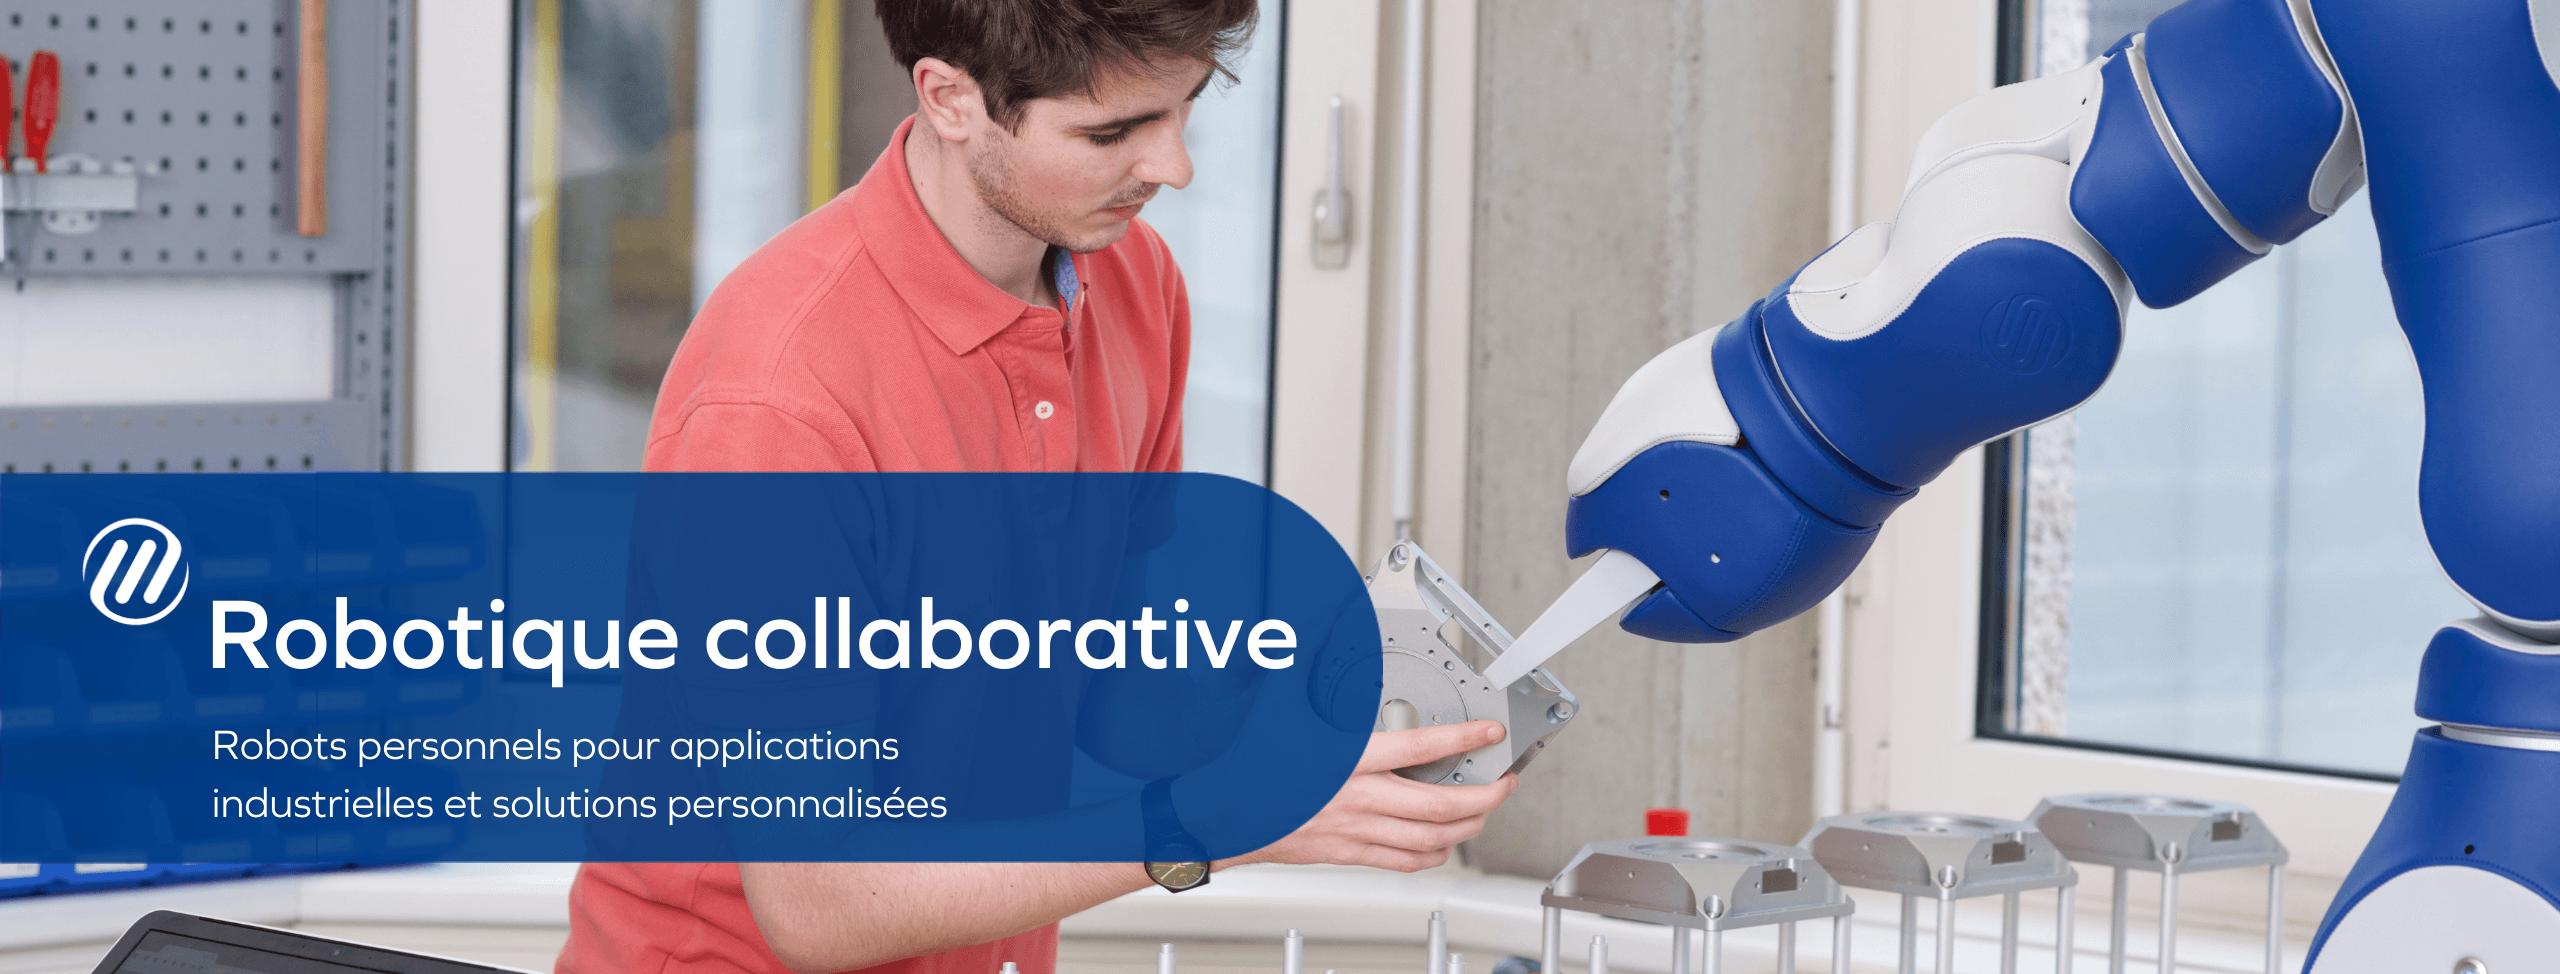 Robotique collaborative - Robots personnels pour applications industrielles et solutions personnalisées